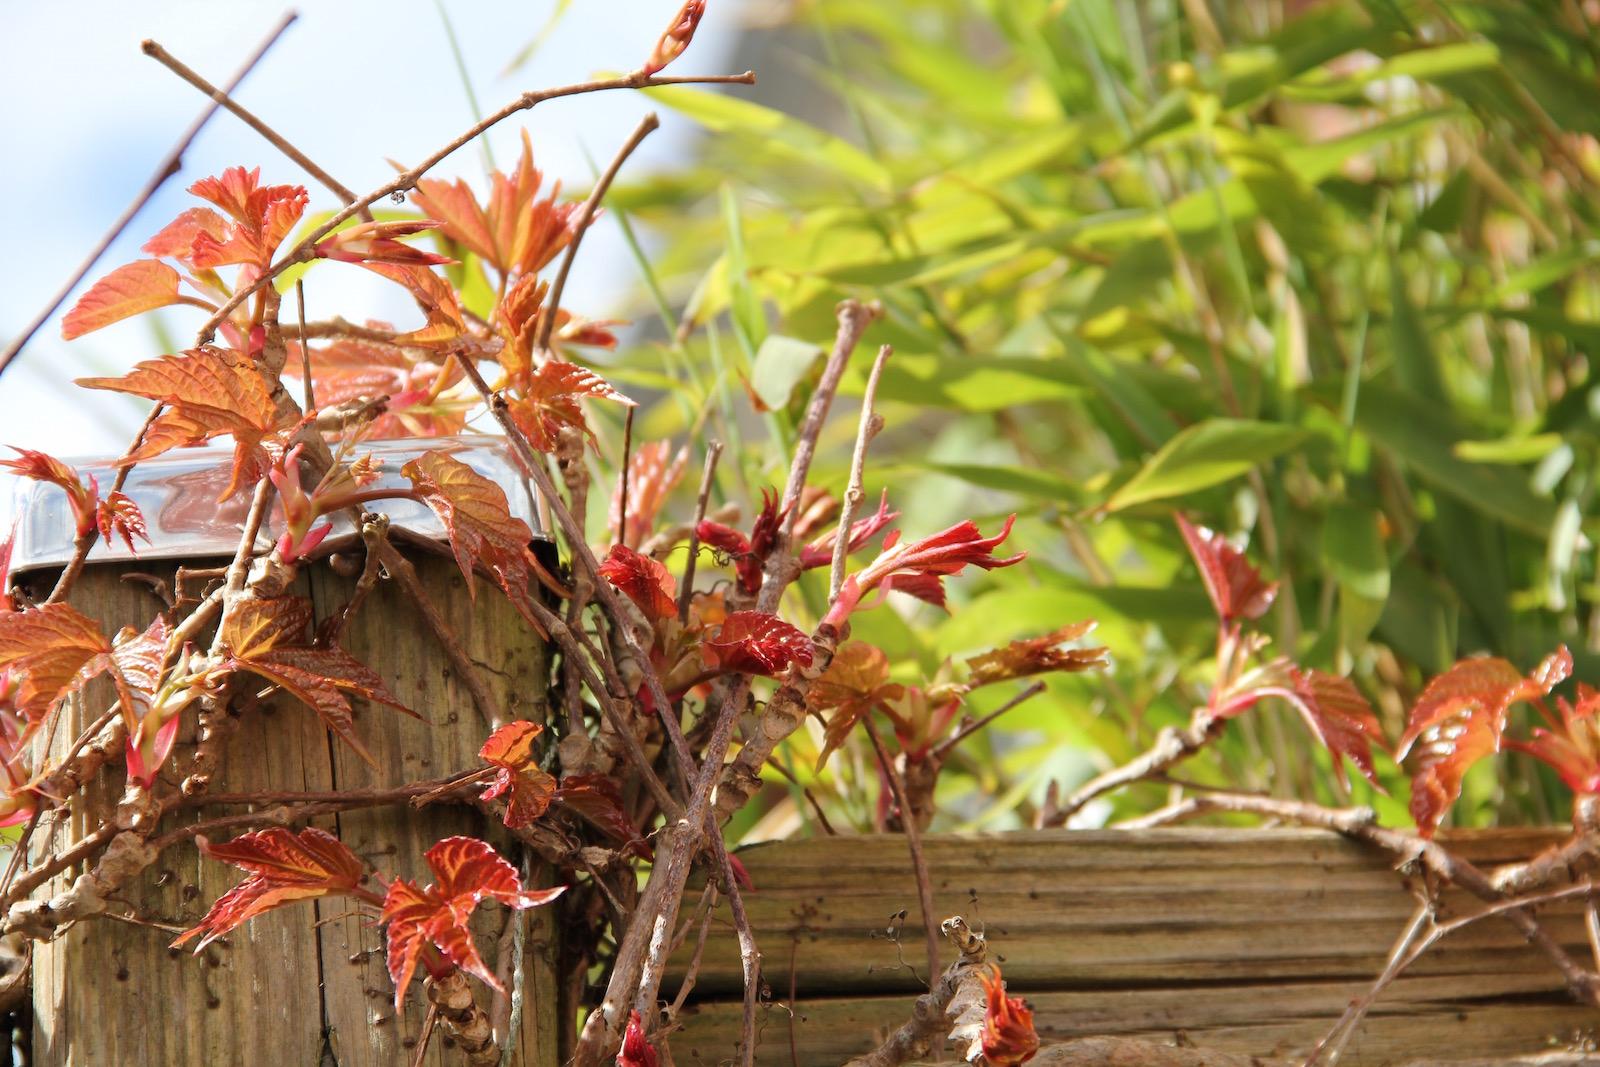 Wilder Wein klettert an einer hölzernen Trennwand empor, dahinter wächst Bambus.